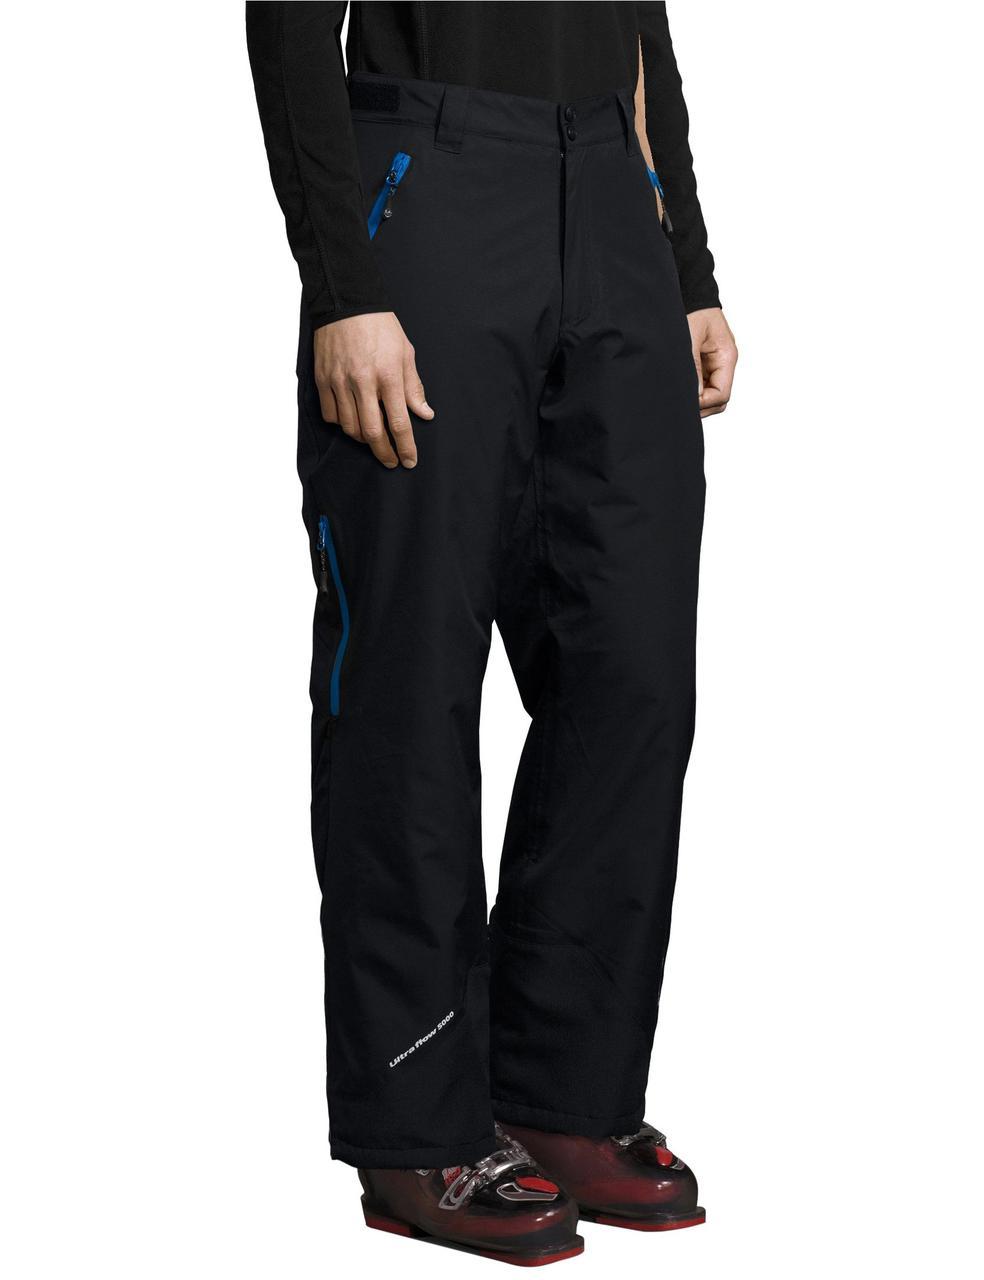 Ultrasport Professional Amud 5000mm розмір XL | Чоловічі гірськолижні штани